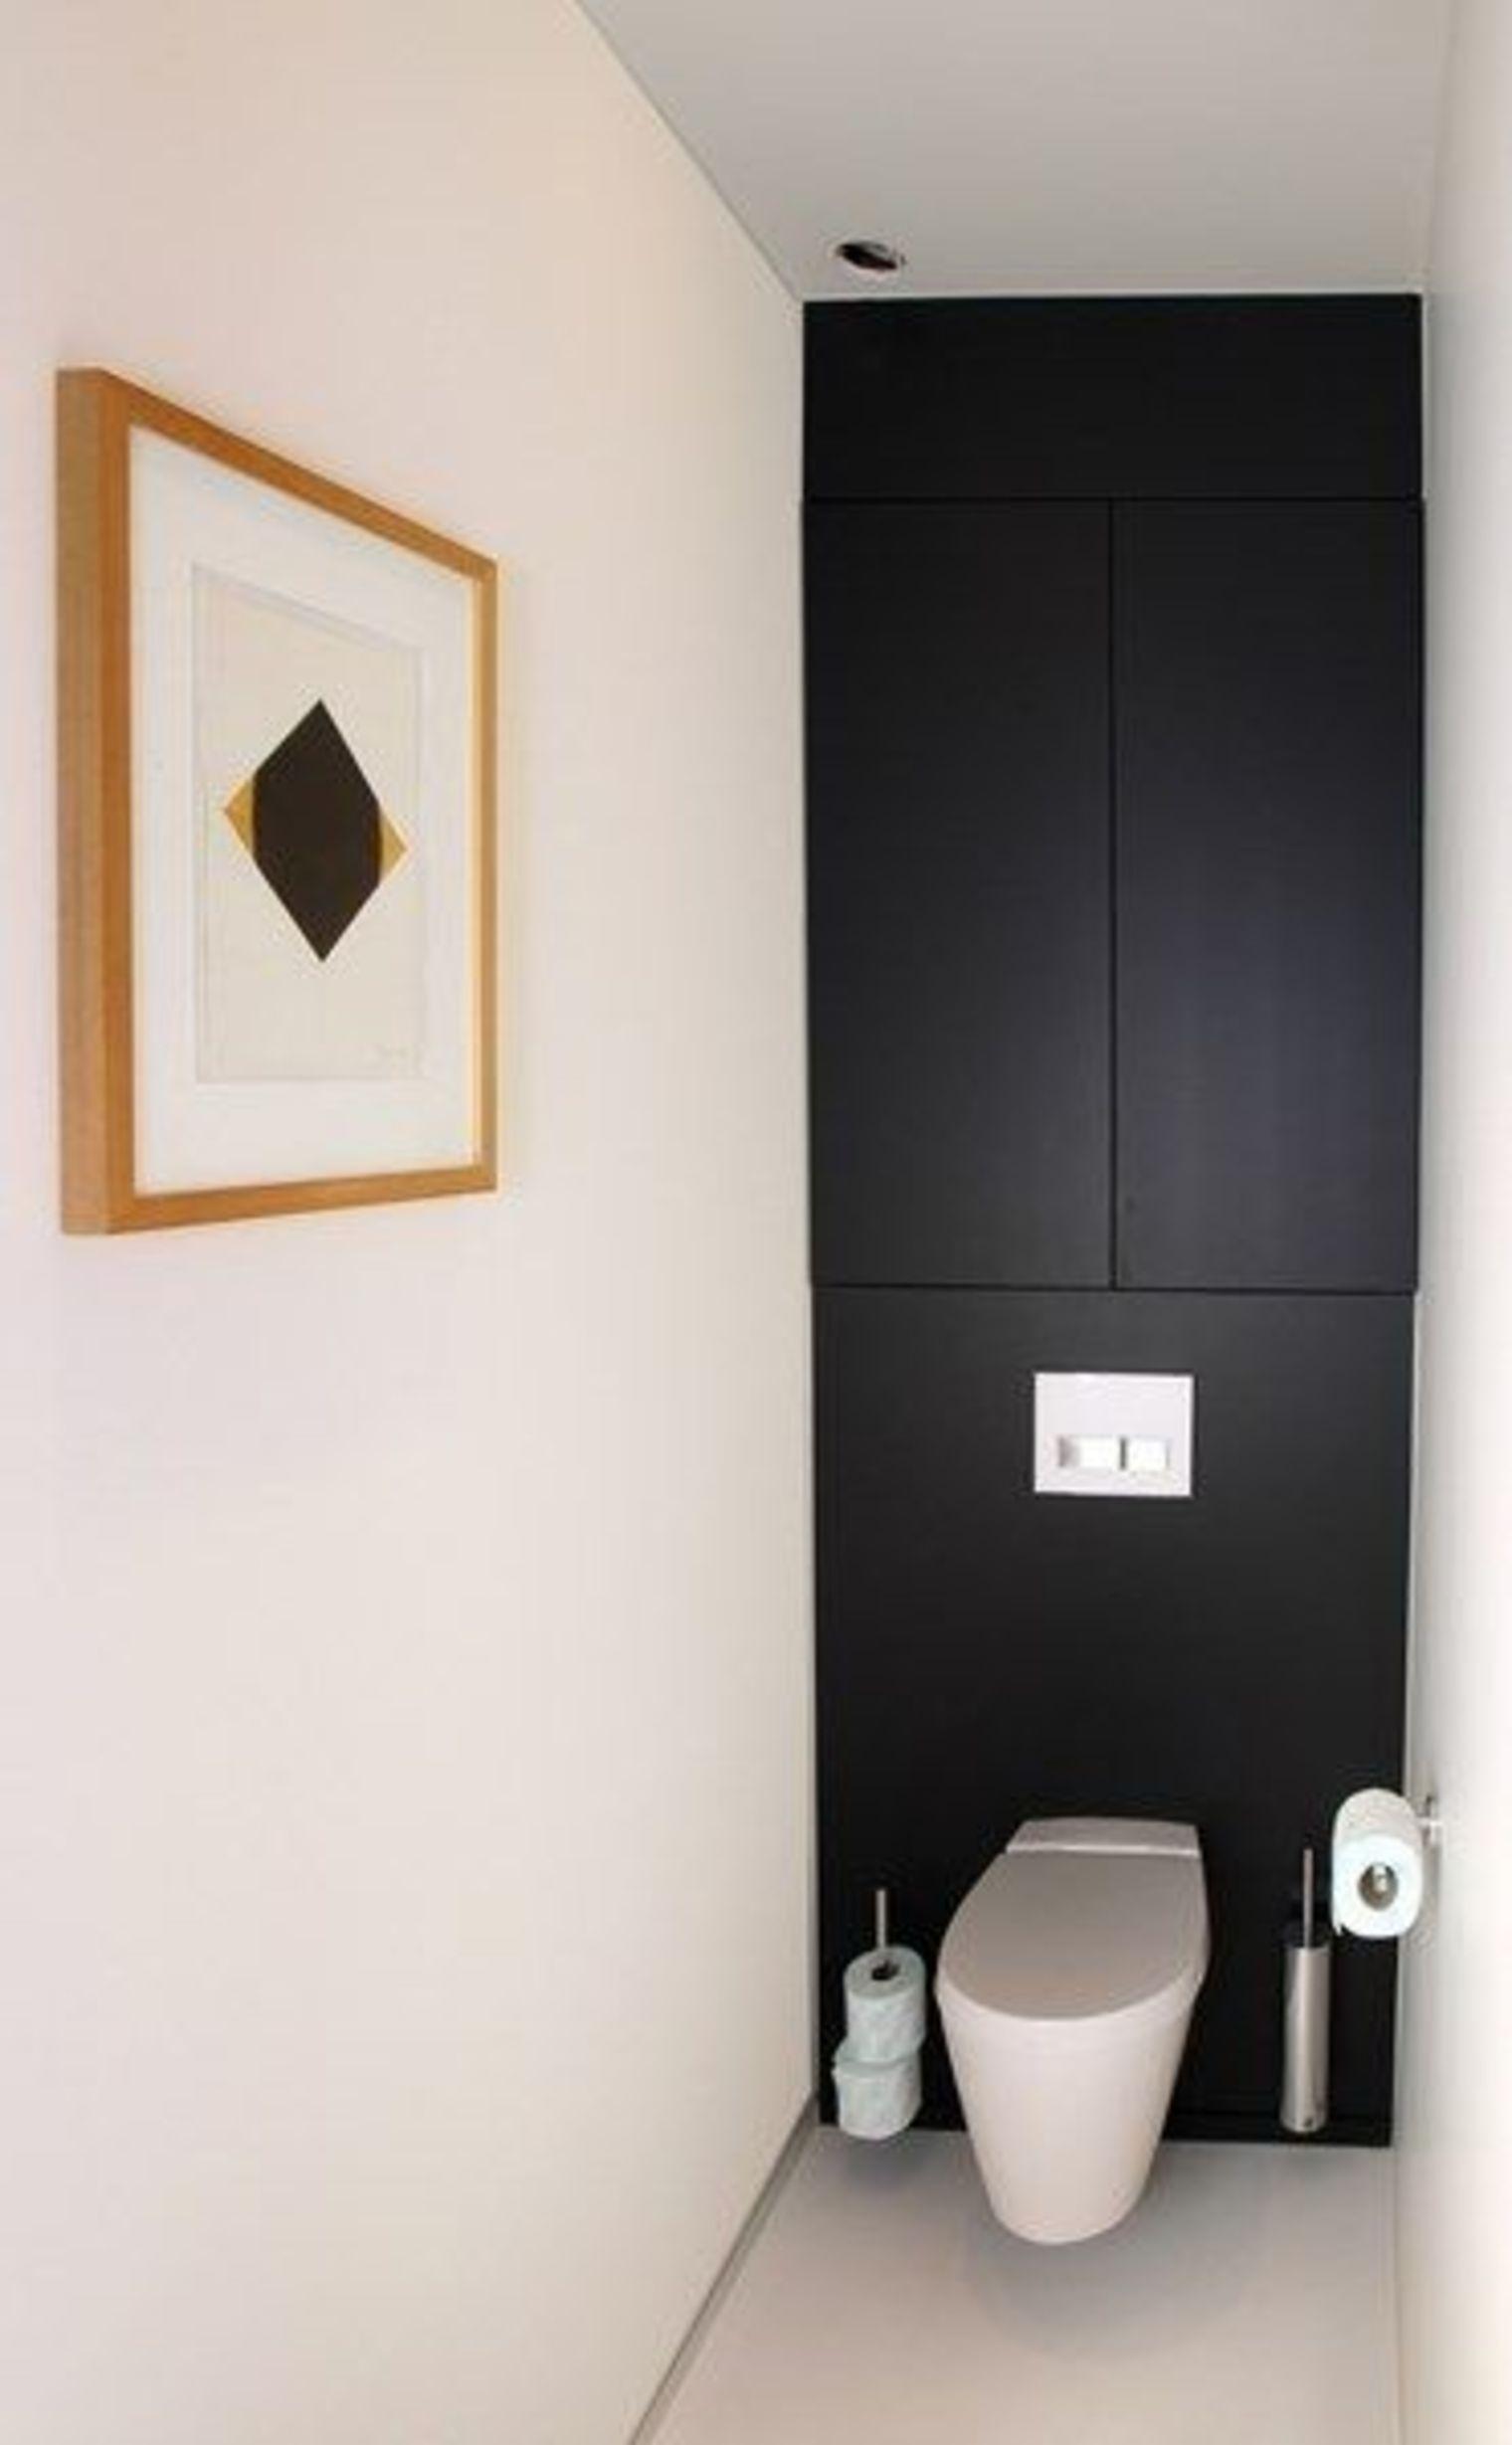 Idee Deco Wc Noir idée déco wc | idée déco wc, décoration toilettes et idée